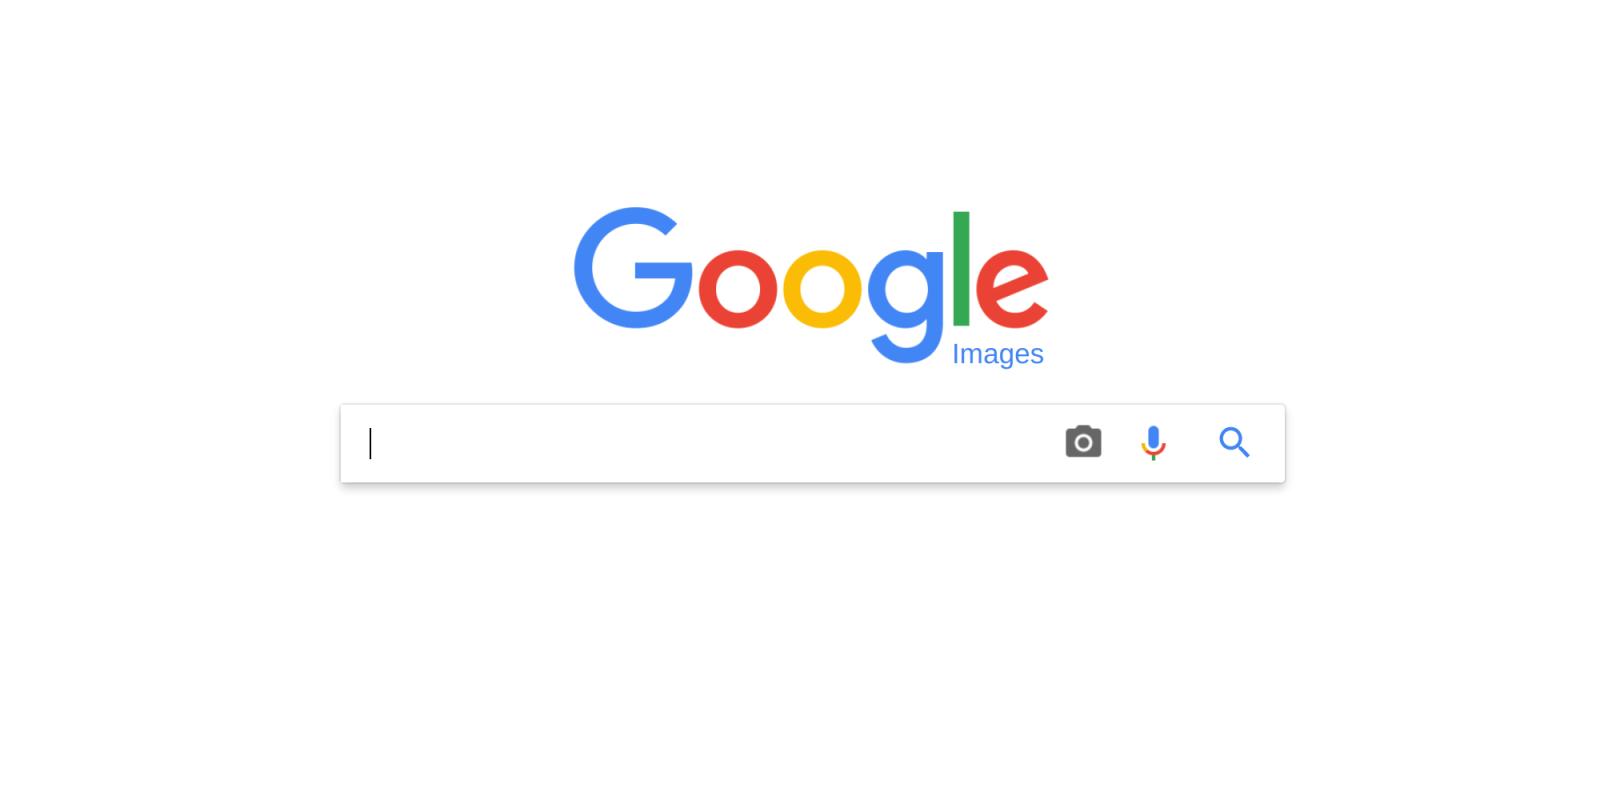 Algoritmo de Imagens do Google agora Utiliza a Autoridade de Página e o Posicionamento de Imagem